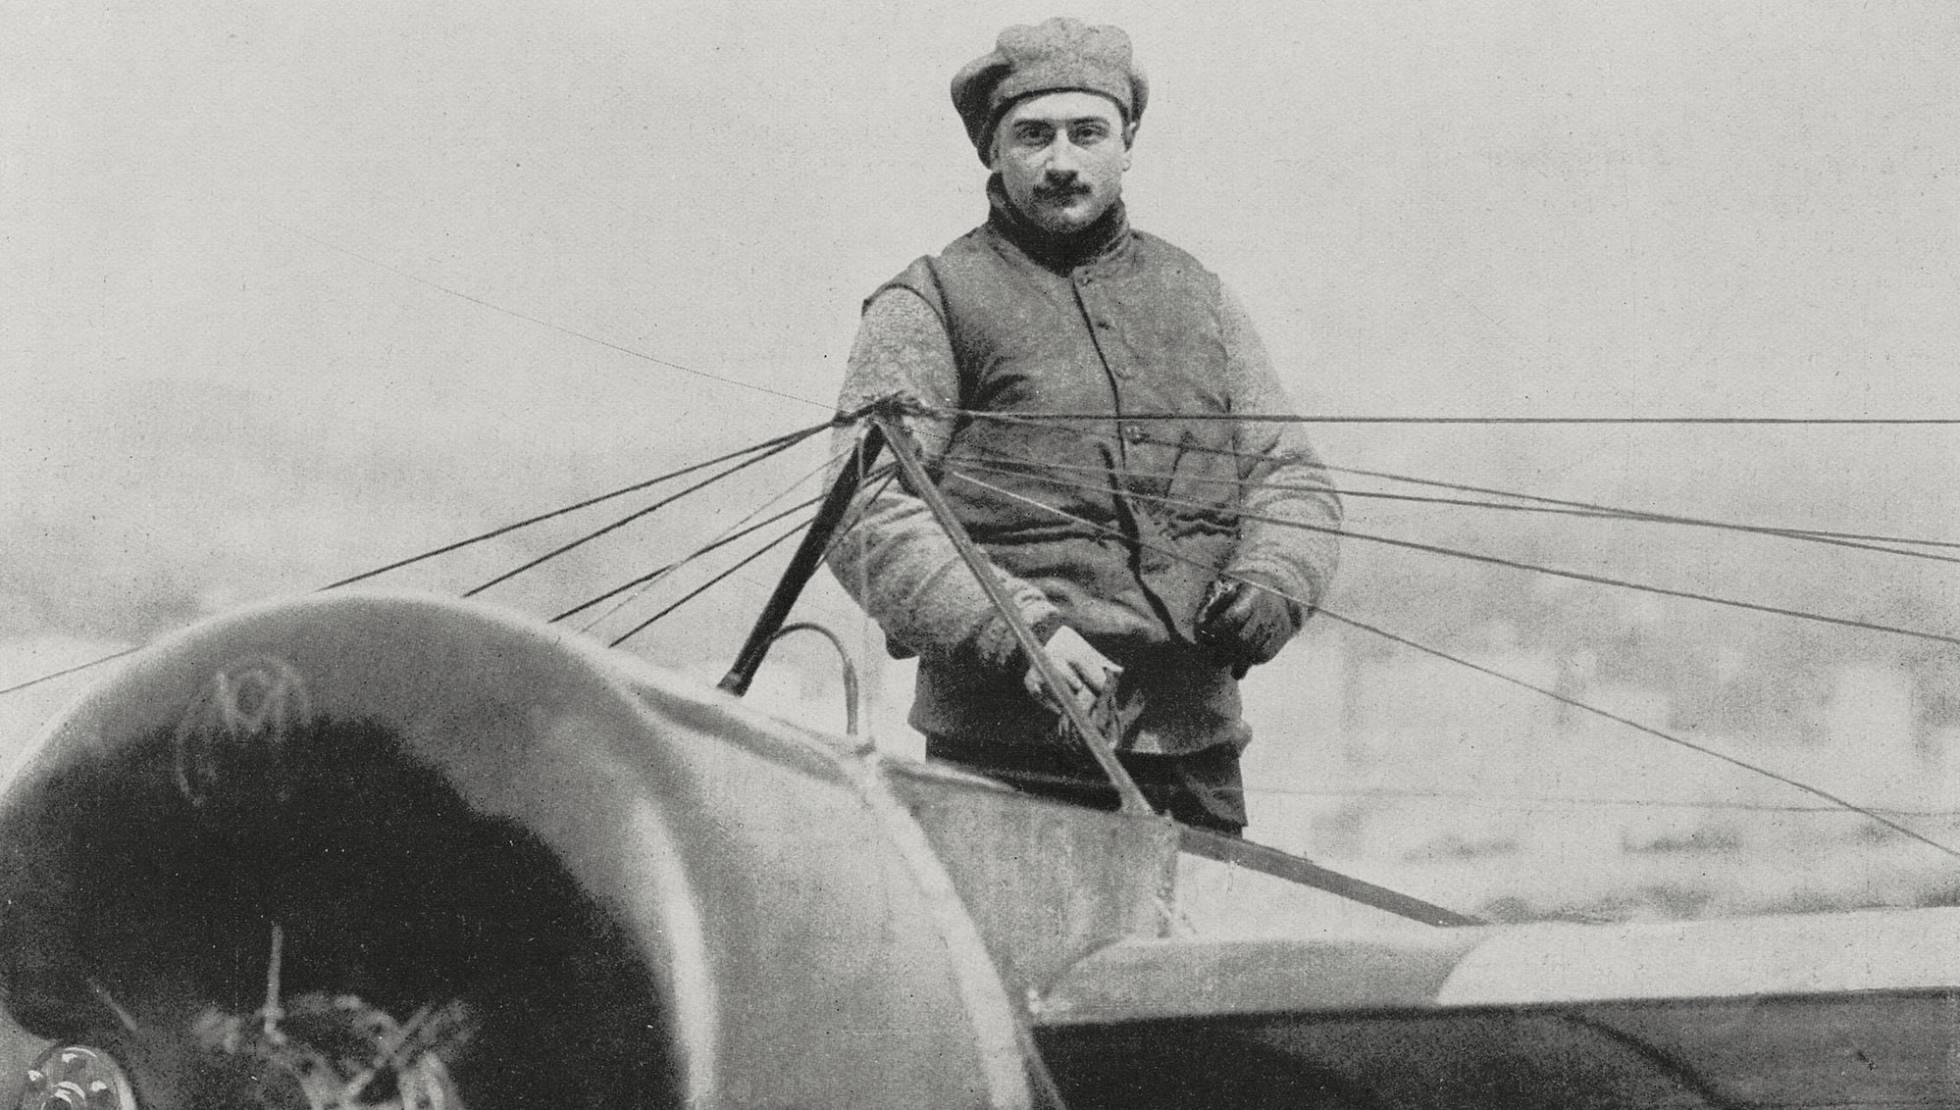 Cien años de muerte de Roland Garros, el aviador más célebre del tenis